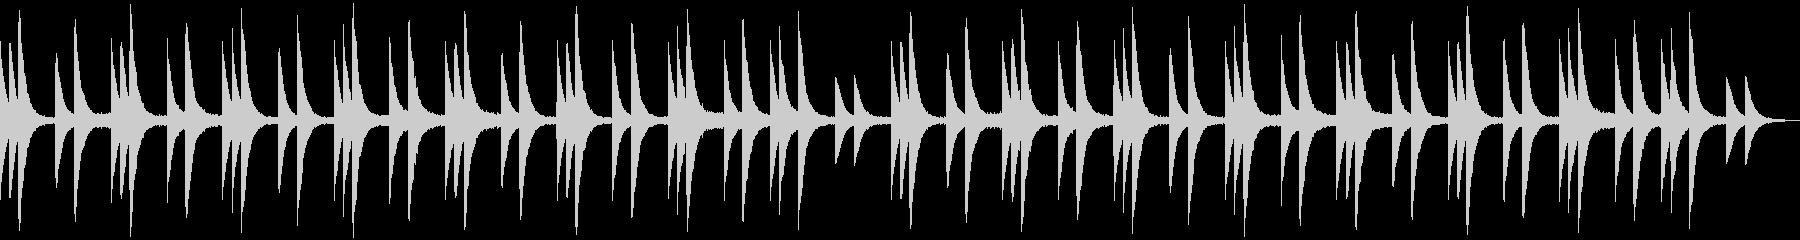 古い洋館で流れる不気味なオルゴールの未再生の波形